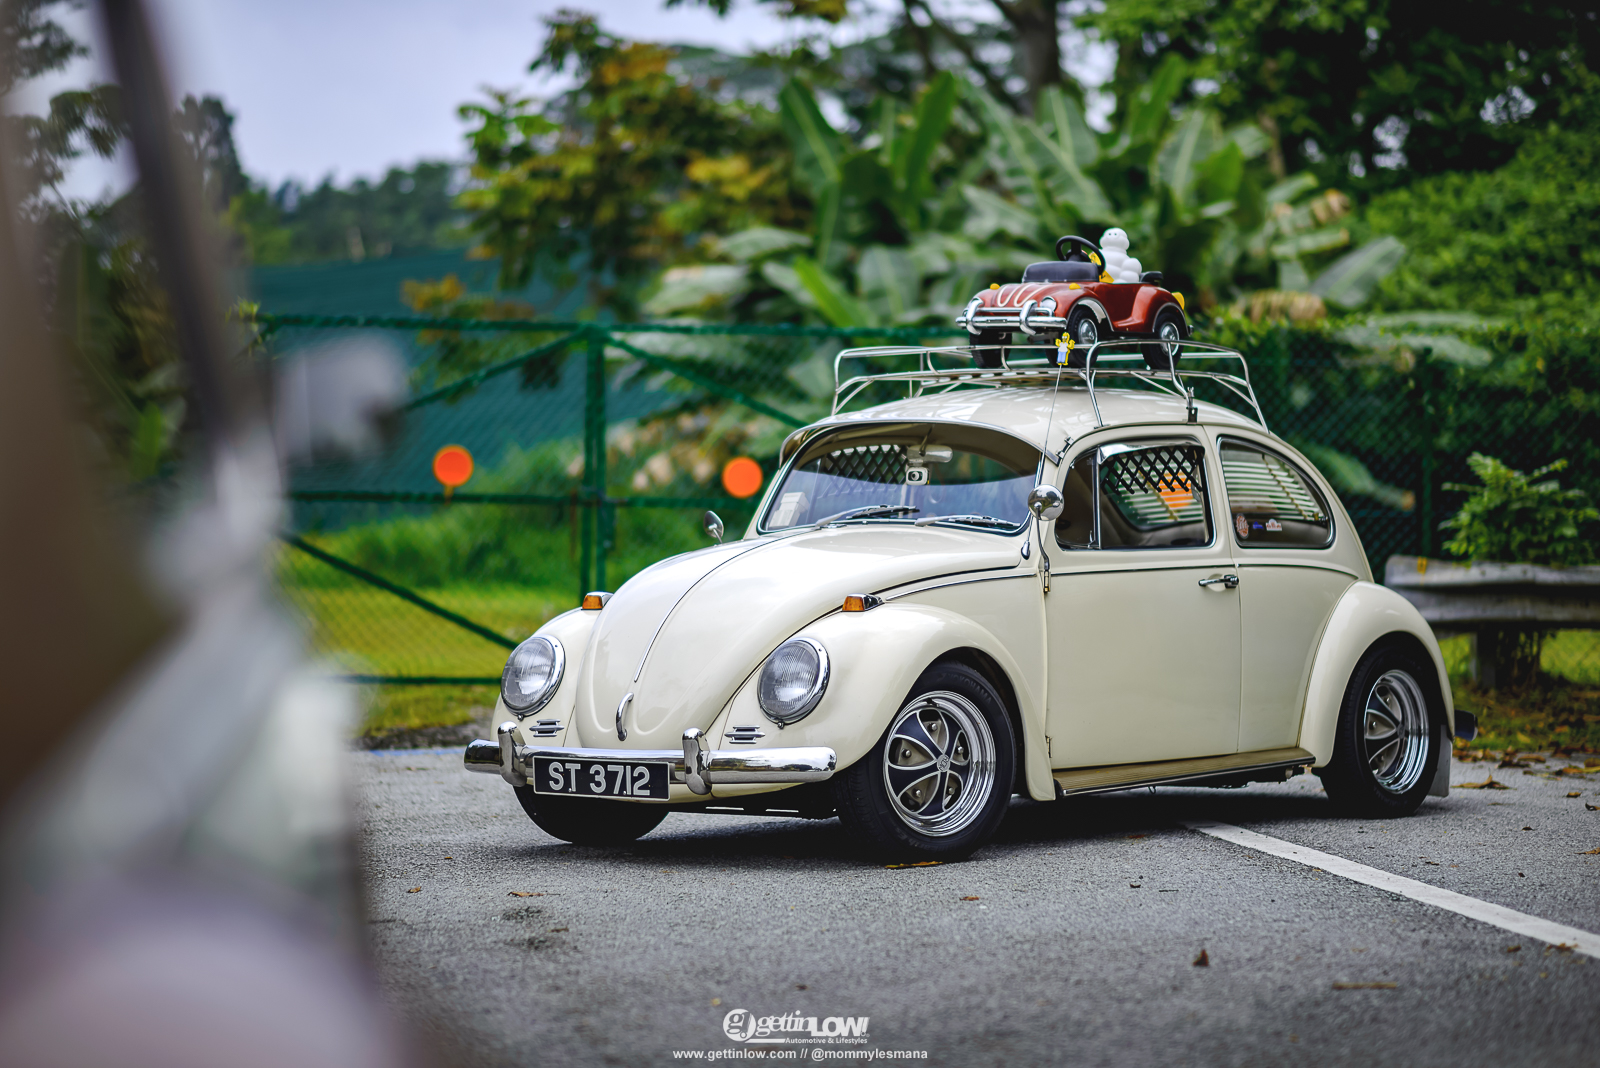 Kelvin's VW Beetle